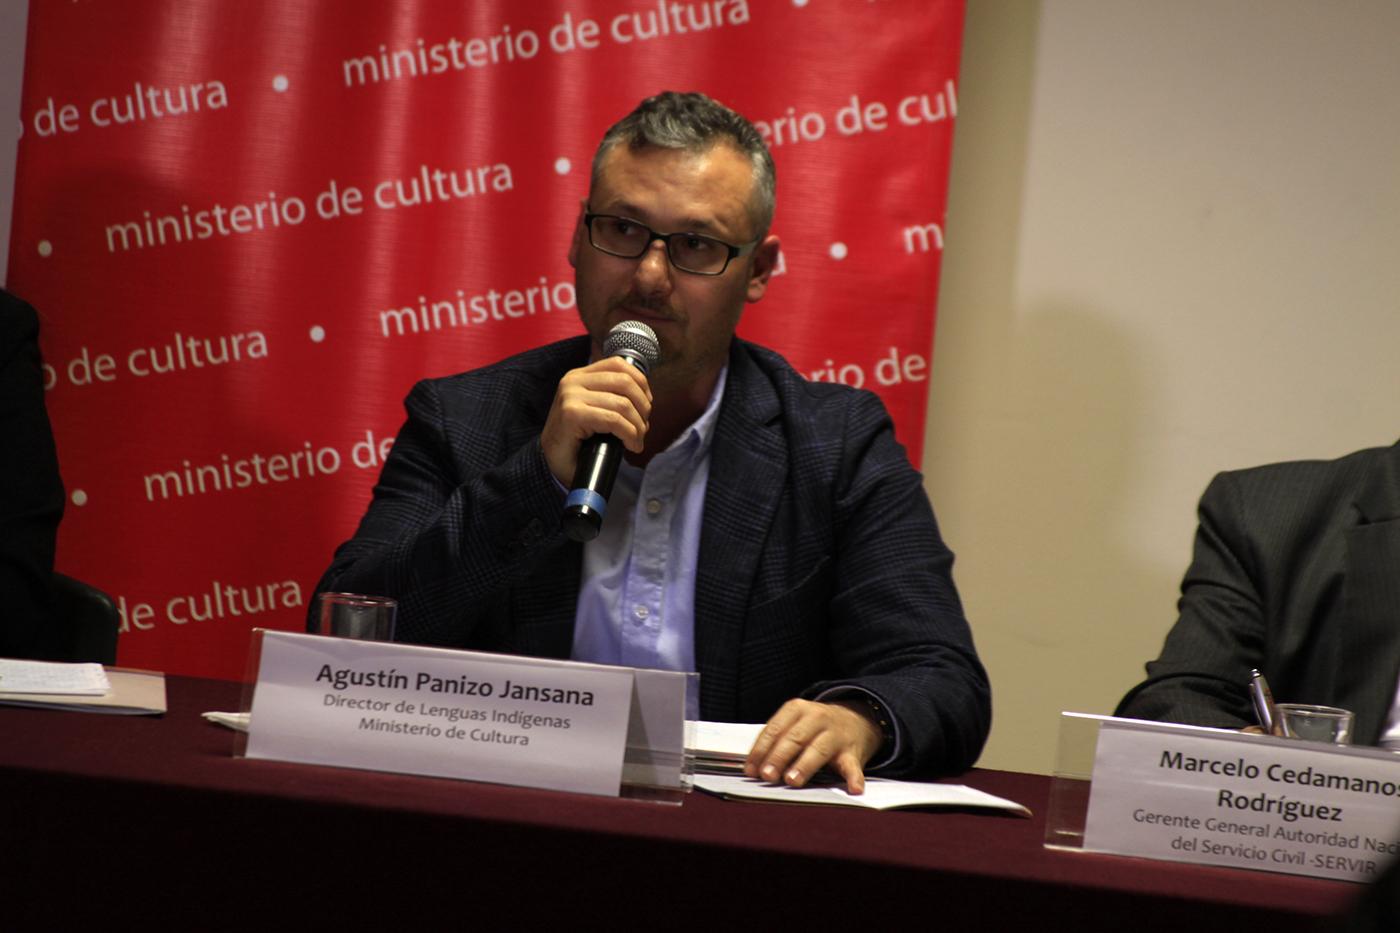 Ministerio de cultura organiza mesa redonda internacional for Ministerio de inter